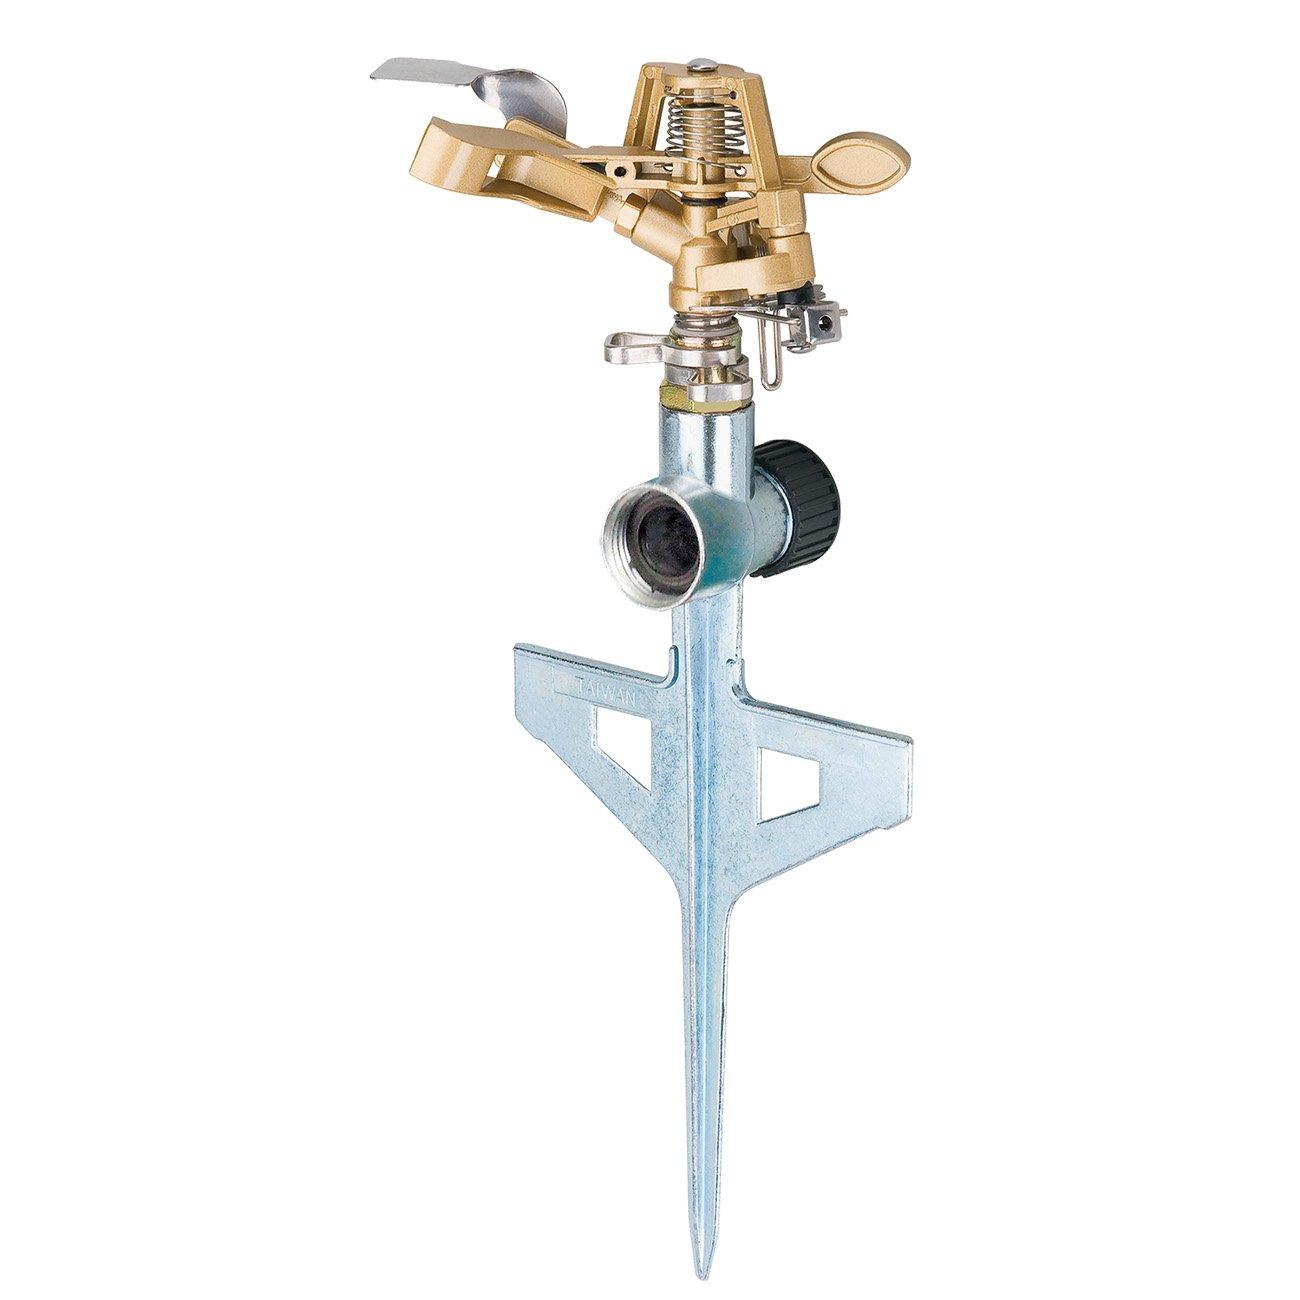 Melnor 9536H All Metal Pulsating Sprinkler with Step Spike